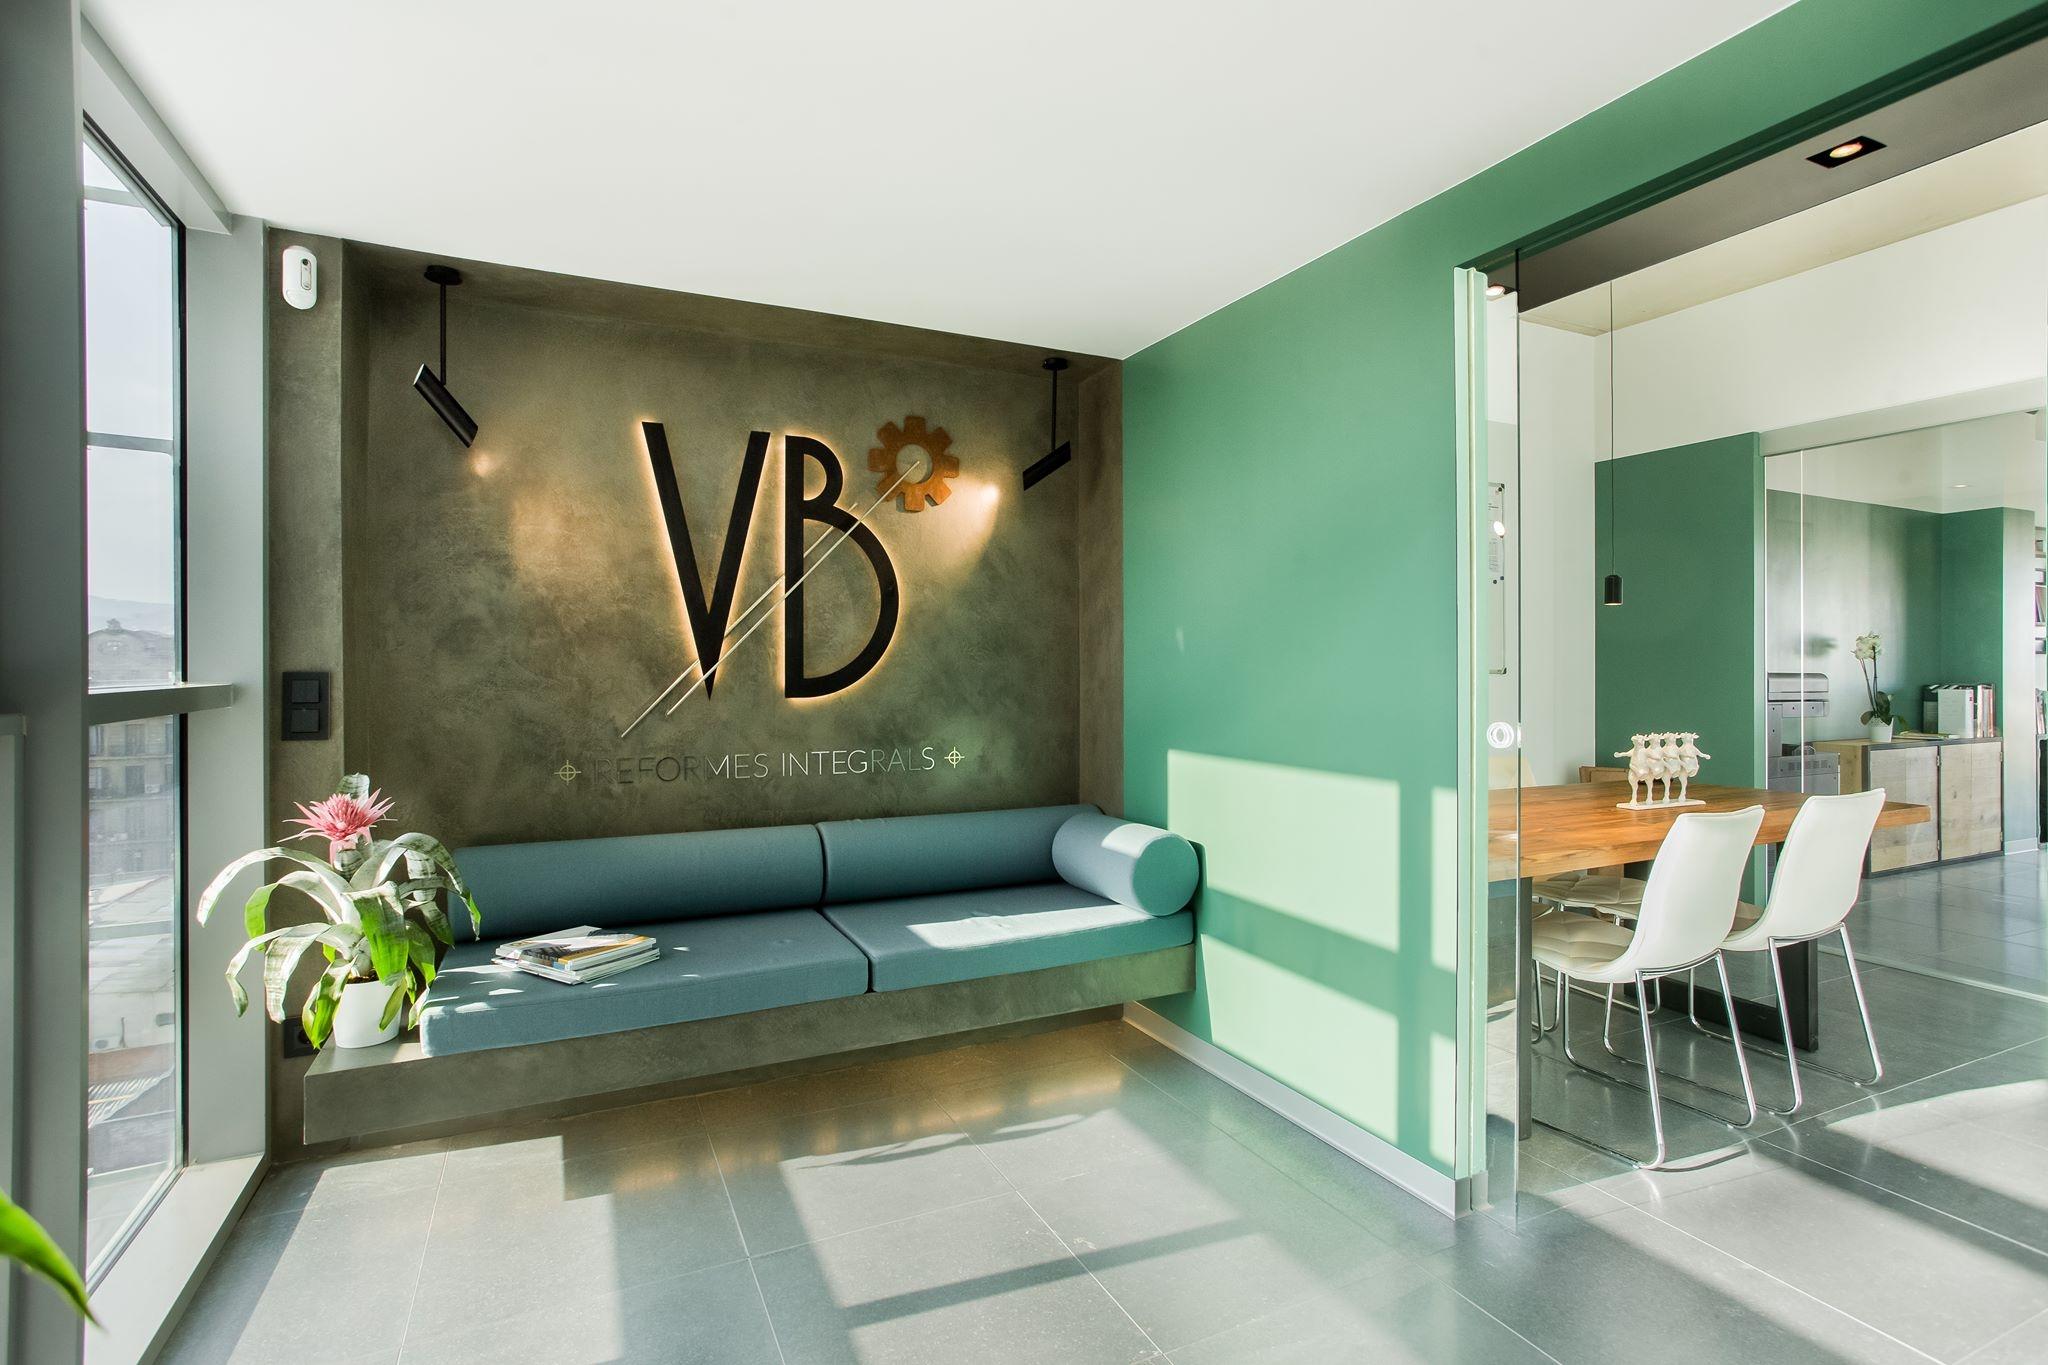 VB Reformes Integrals (@vbreformas) Cover Image